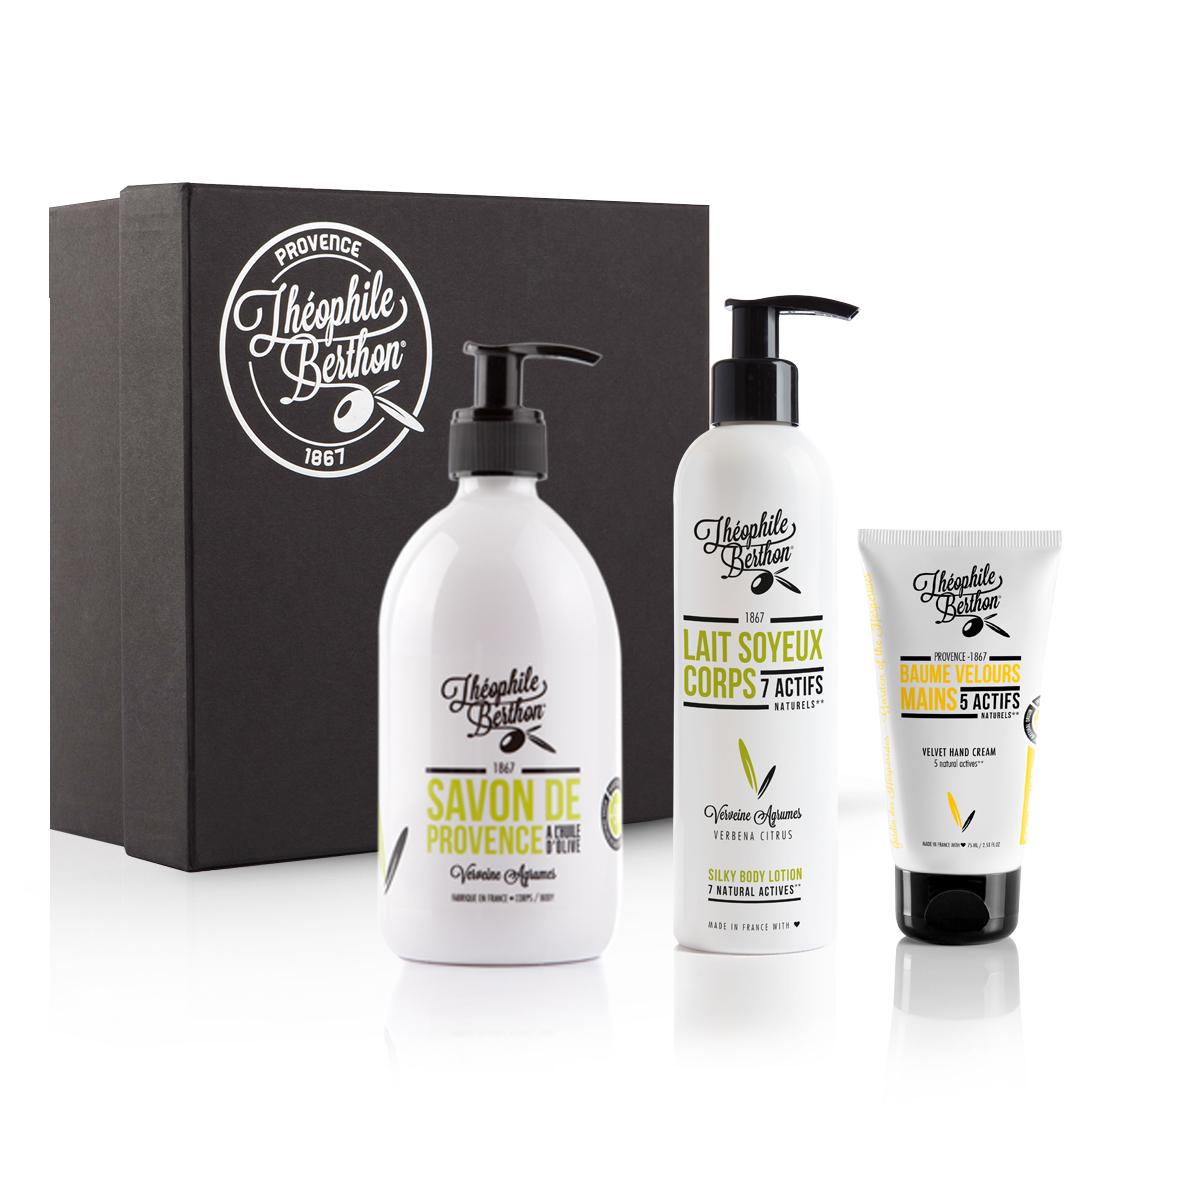 Coffret agrumes avec baume mains et savon douche olive